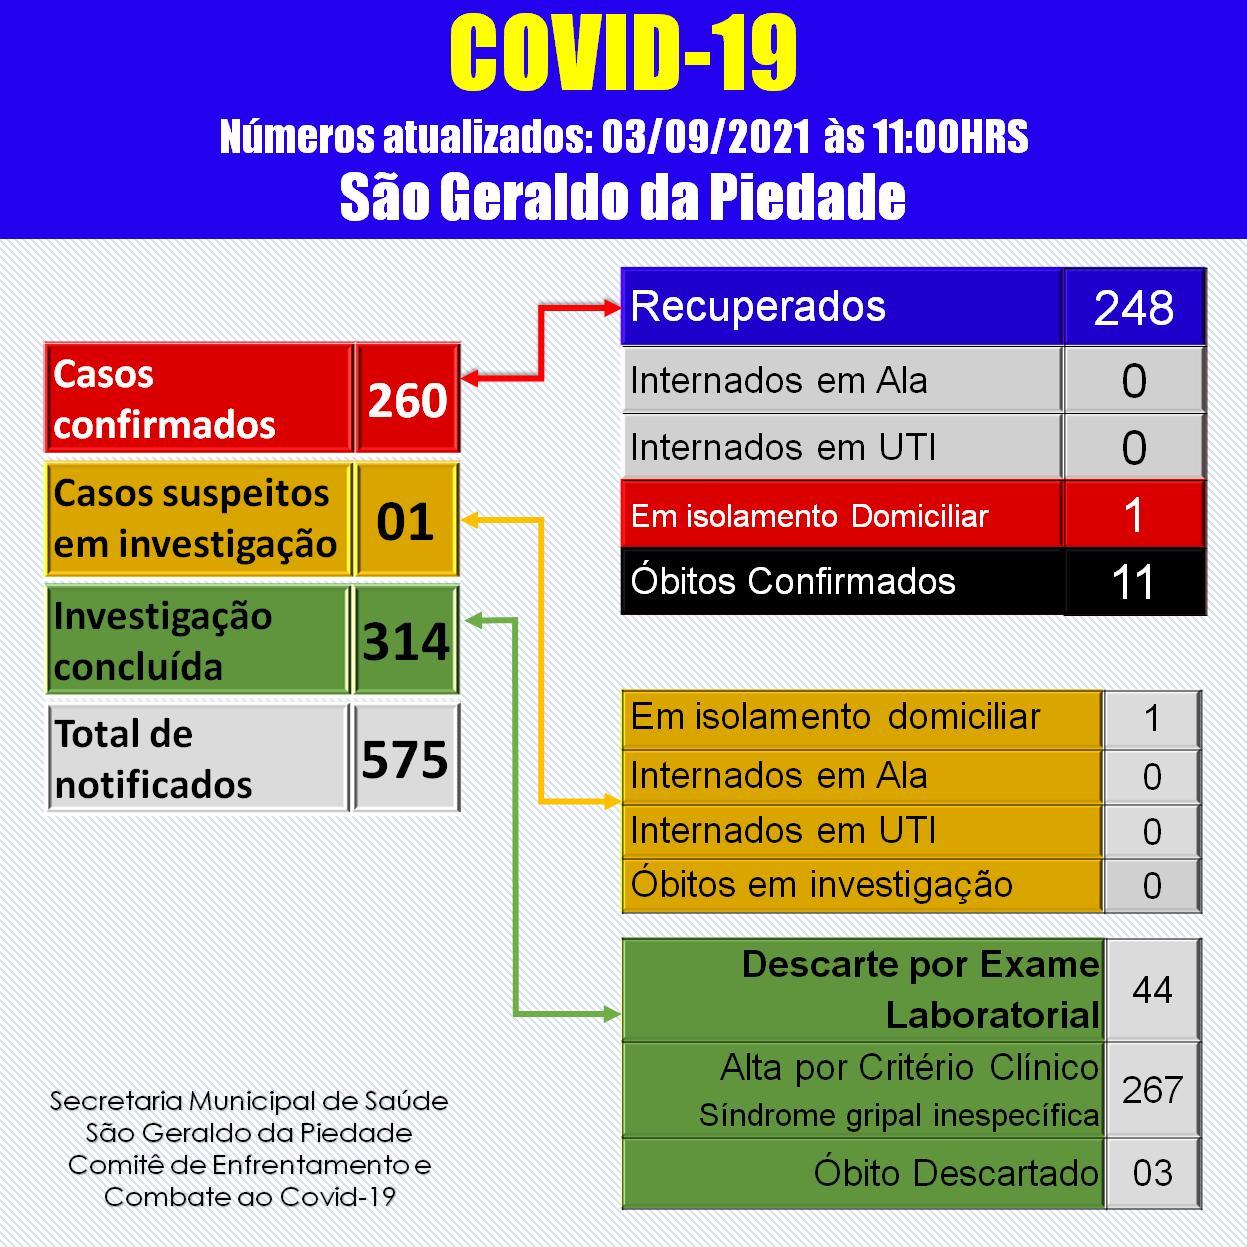 BOLETIM CORONAVÍRUS - 03/09/2021